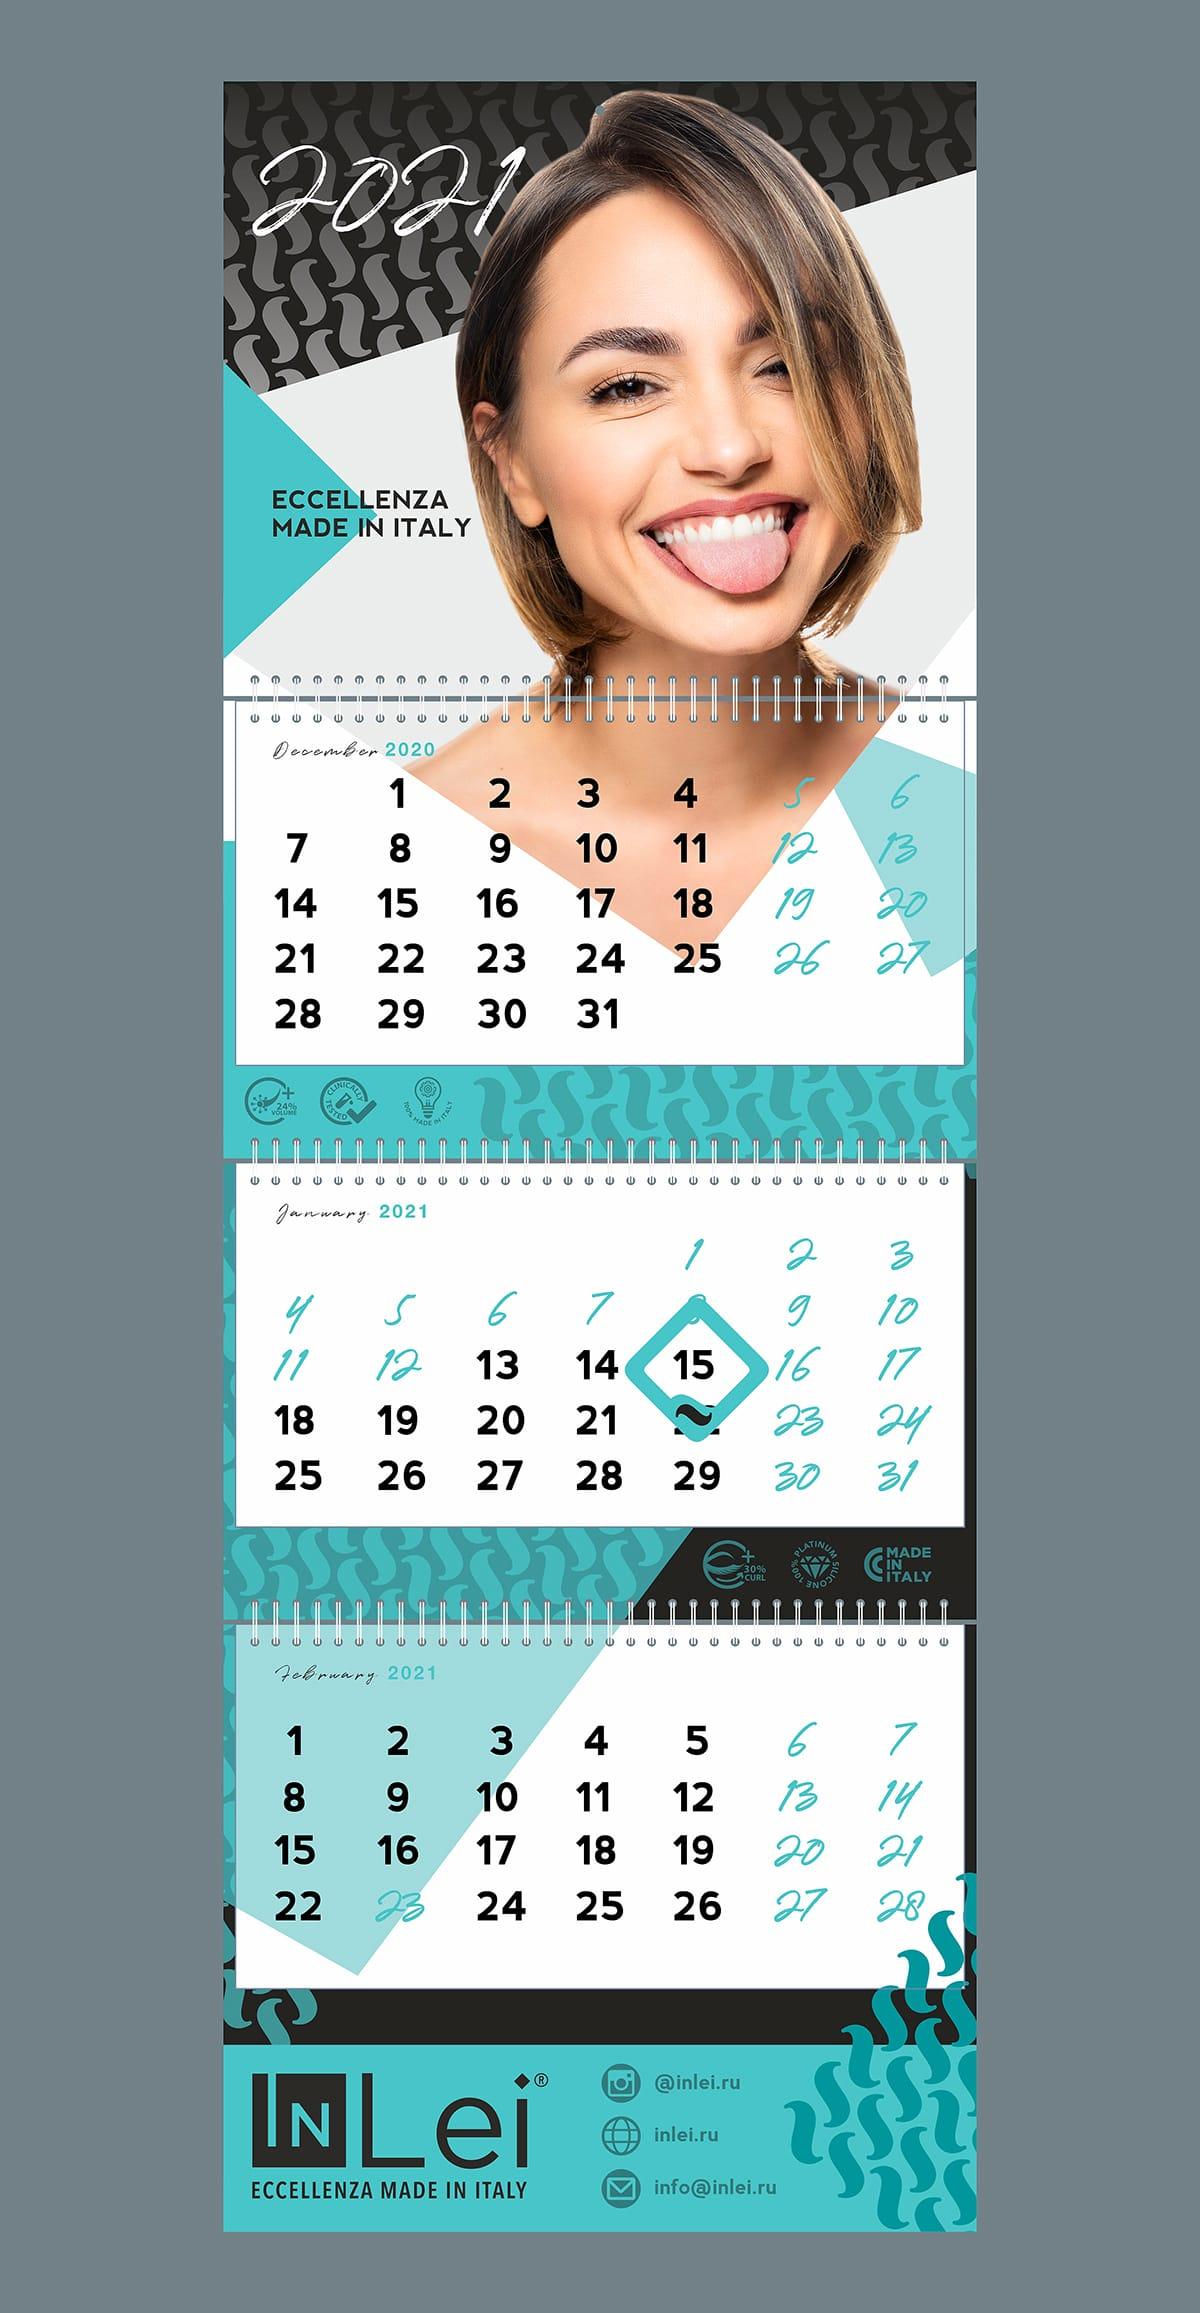 Дизайн календаря 2021 inlei